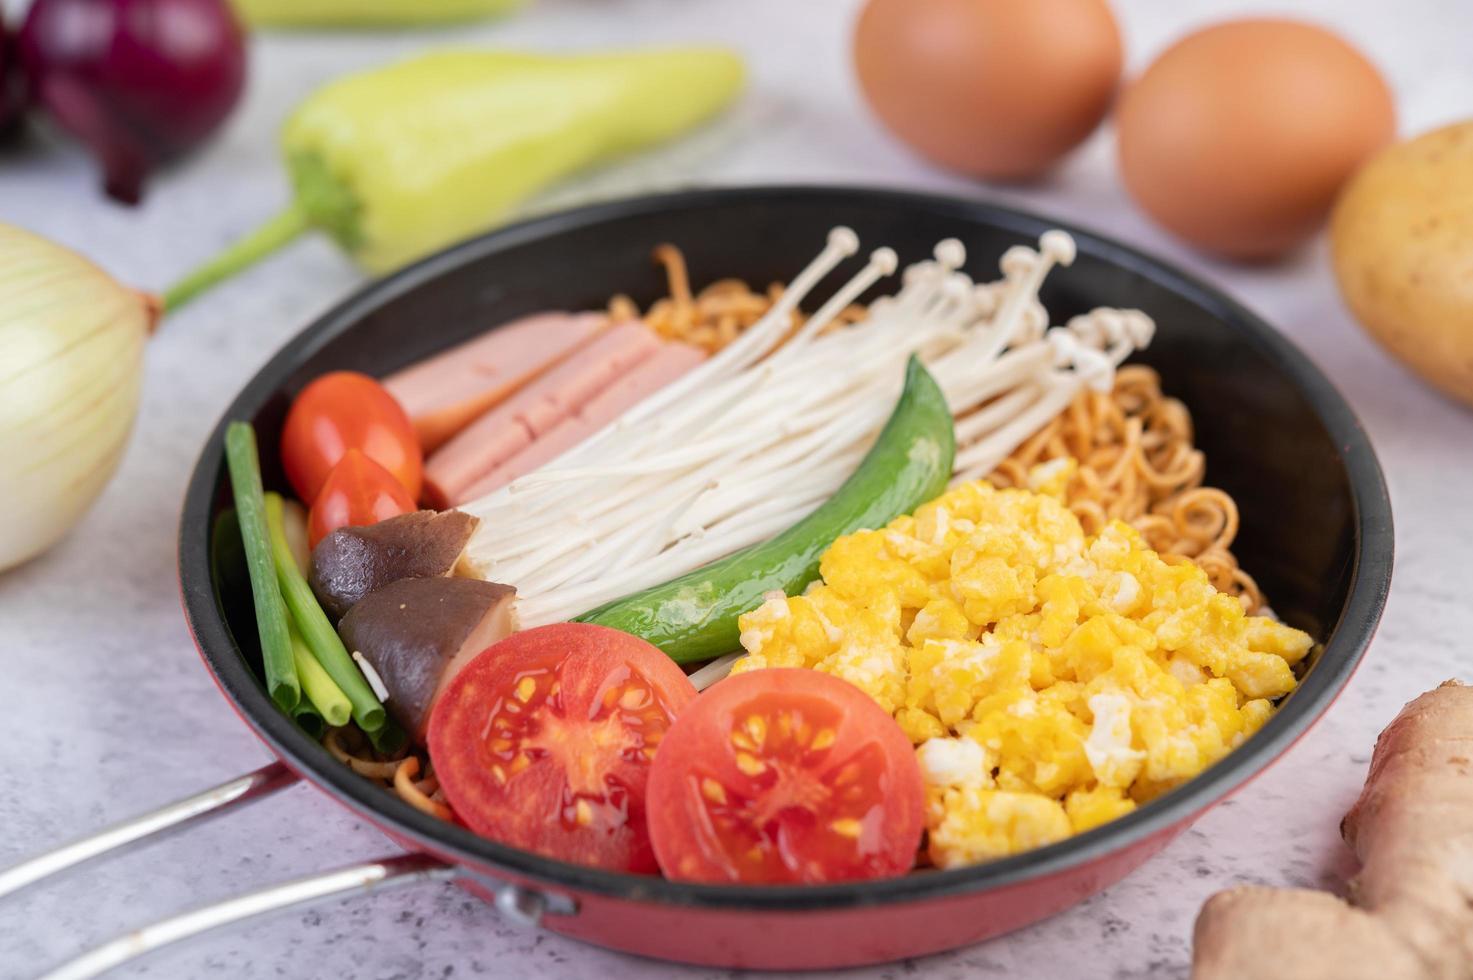 tagliatelle saltate in padella con mais, fungo ago dorato, pomodoro, salsiccia ed edamame foto